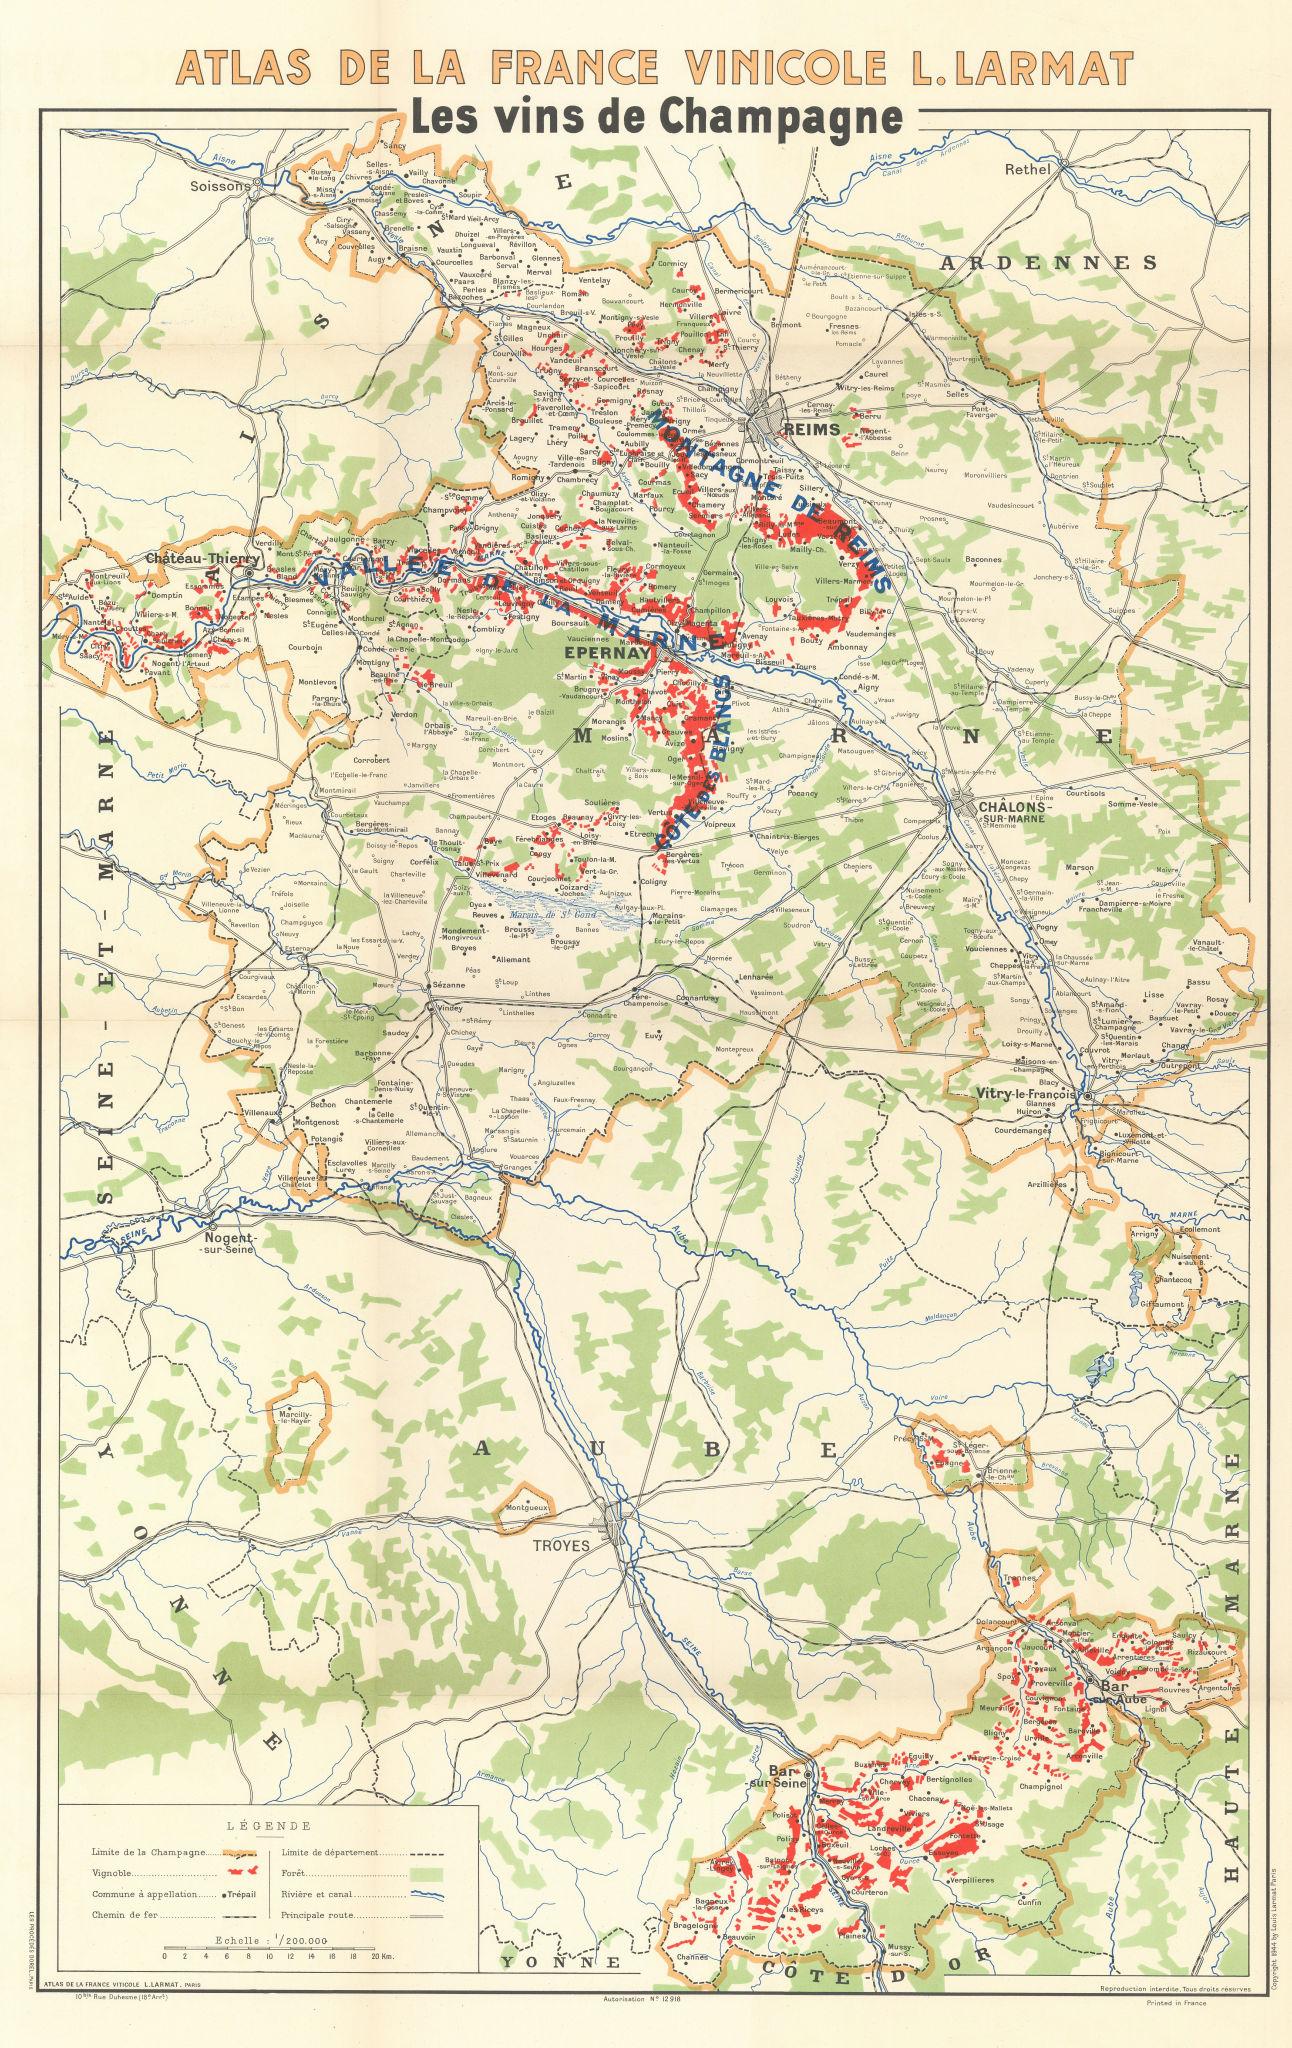 Associate Product CHAMPAGNE WINE/VINS MAP Carte Générale showing vignobles vineyards. LARMAT 1944